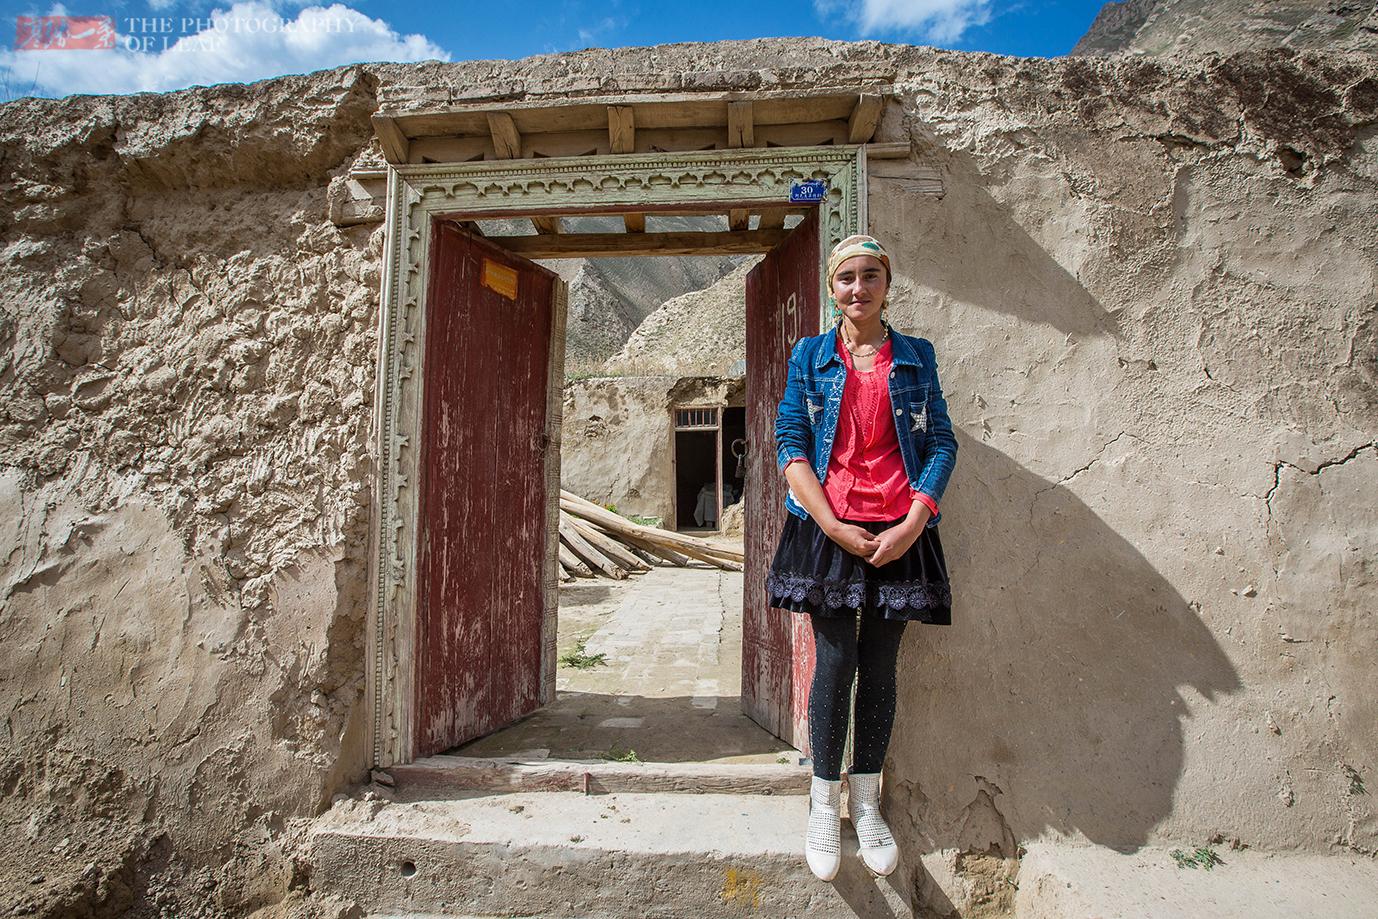 新藏线上这个落后的农村,天仙般的姑娘住在泥洞里,过着原始生活